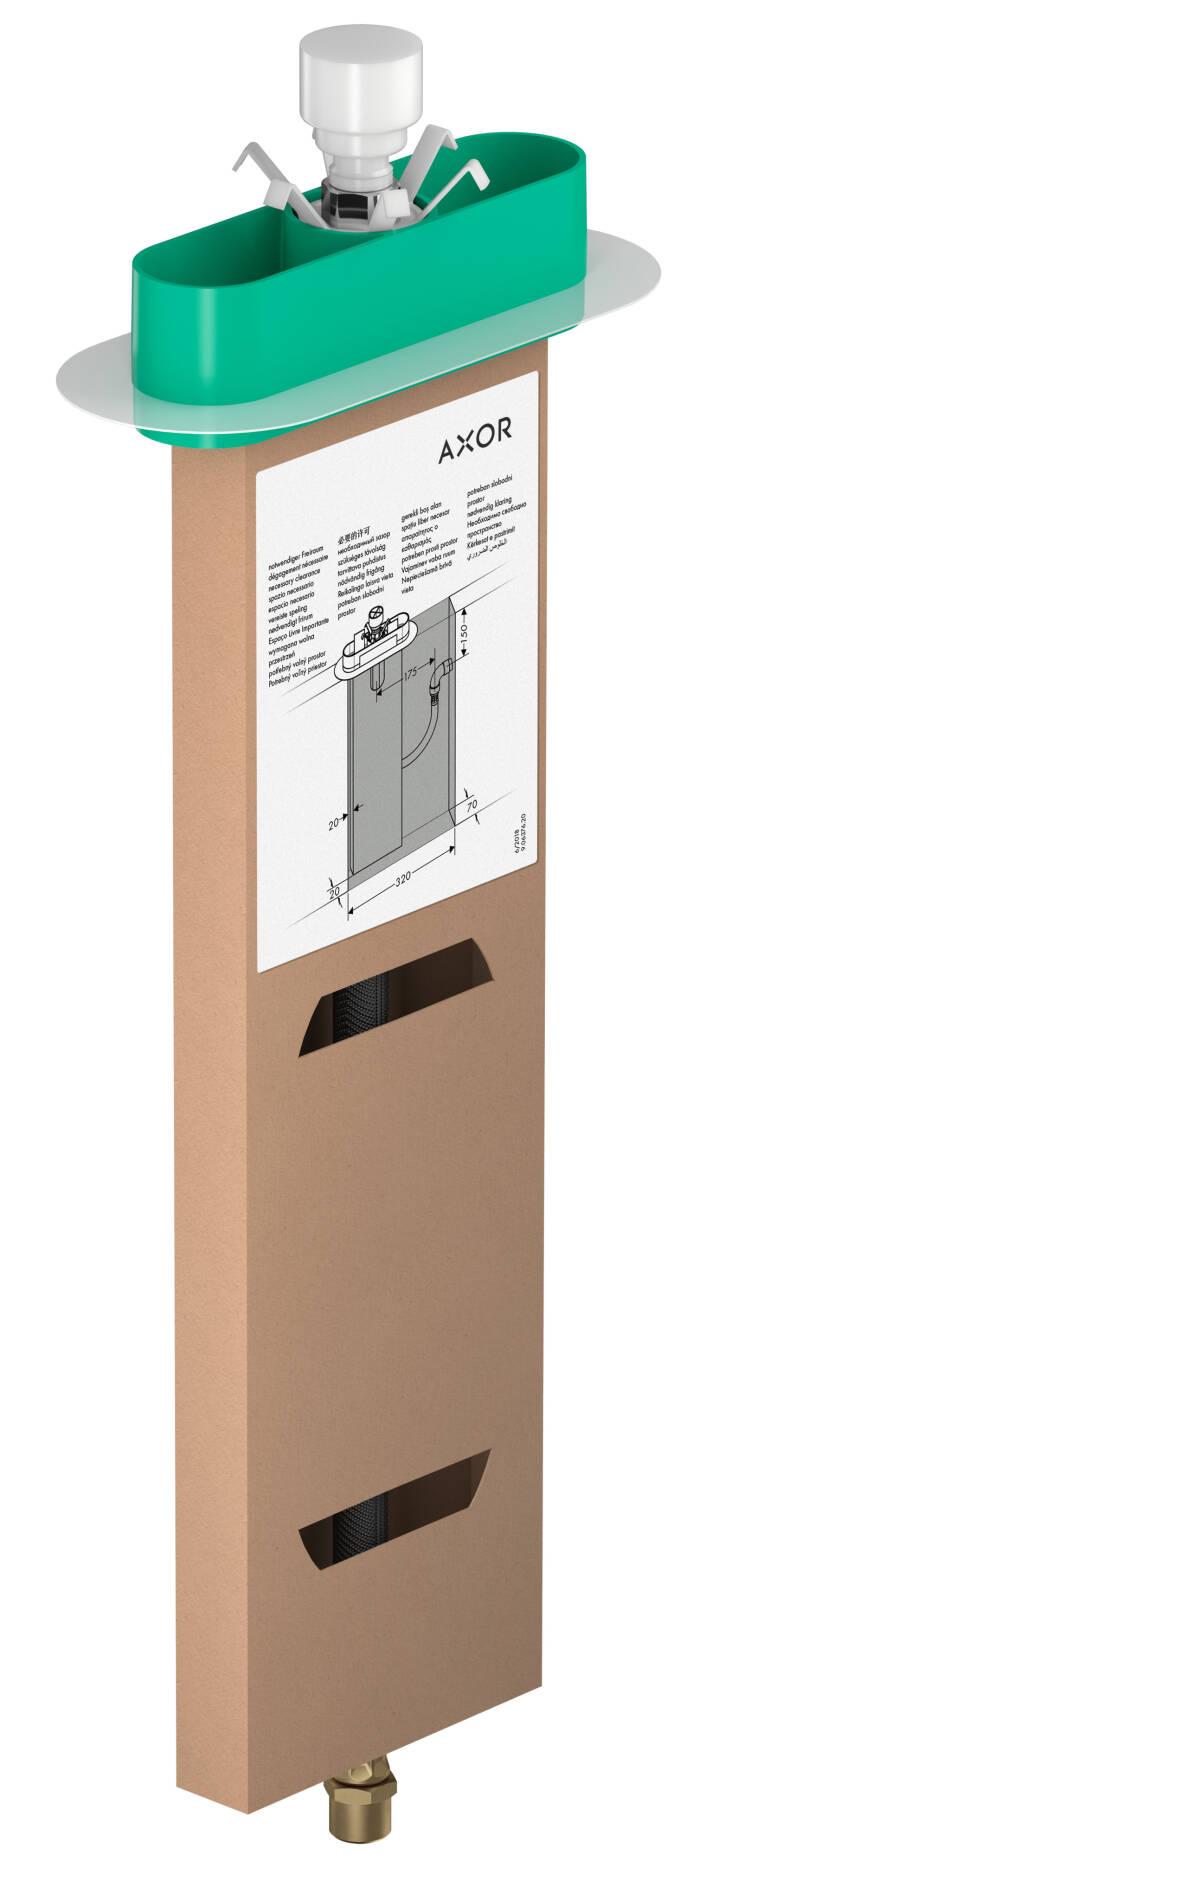 Aide Pour Sortir De La Baignoire axor corps d'encastrement mitigeurs baignoire/douche: sbox